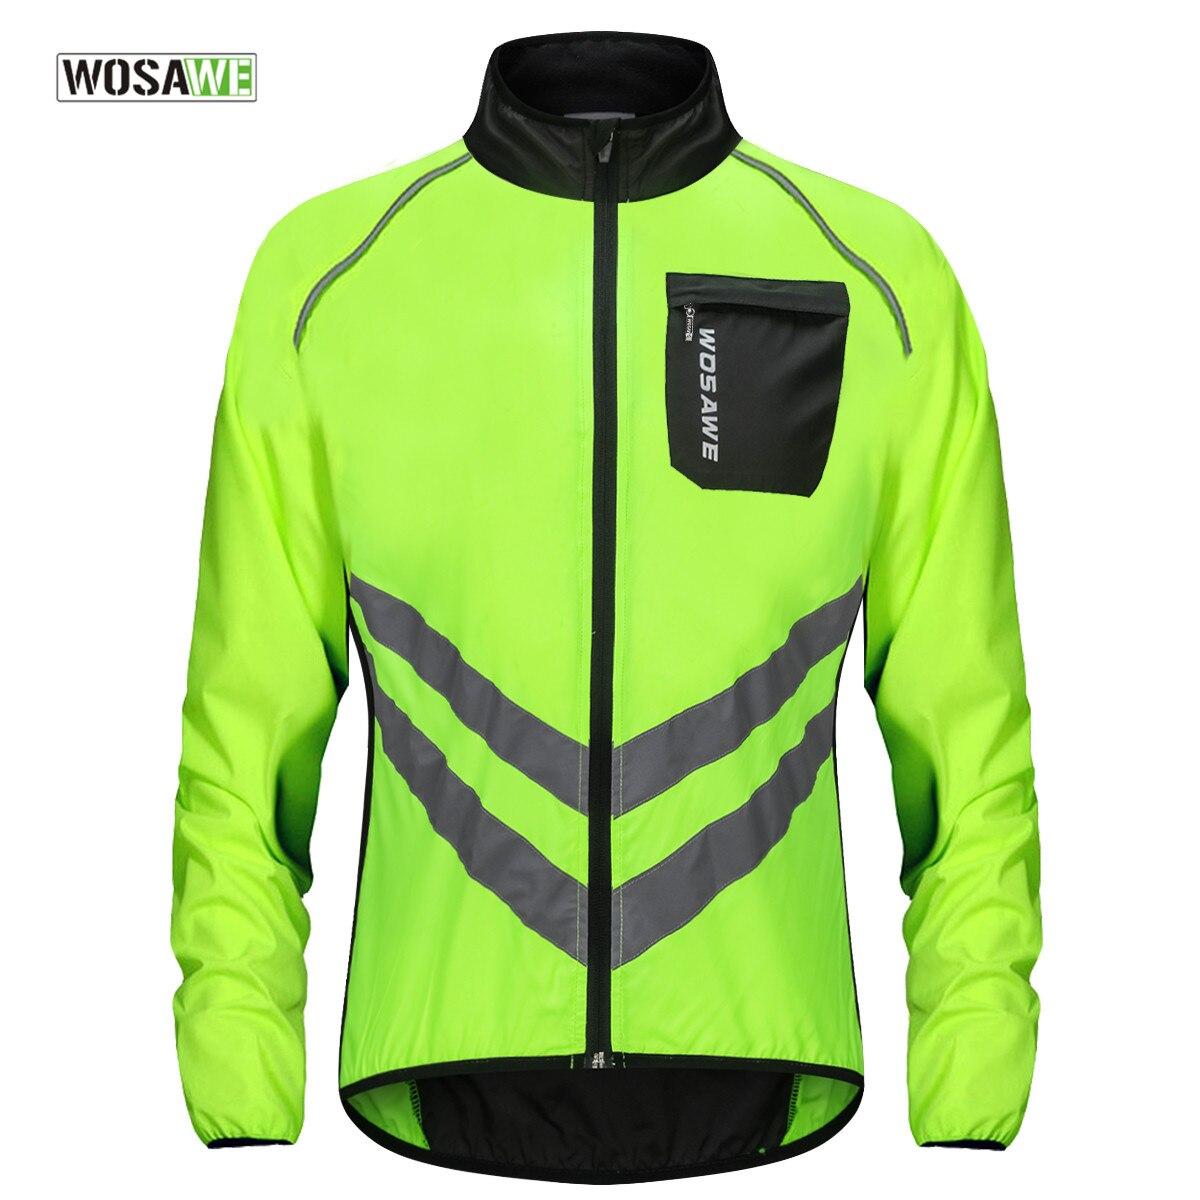 WOSAWE Radfahren Wind Jacke Hohe Sichtbarkeit Multifunktions Jersey Straße MTB Bike Fahrrad Winddicht Quick Trockenen Regen Mantel Windbreaker